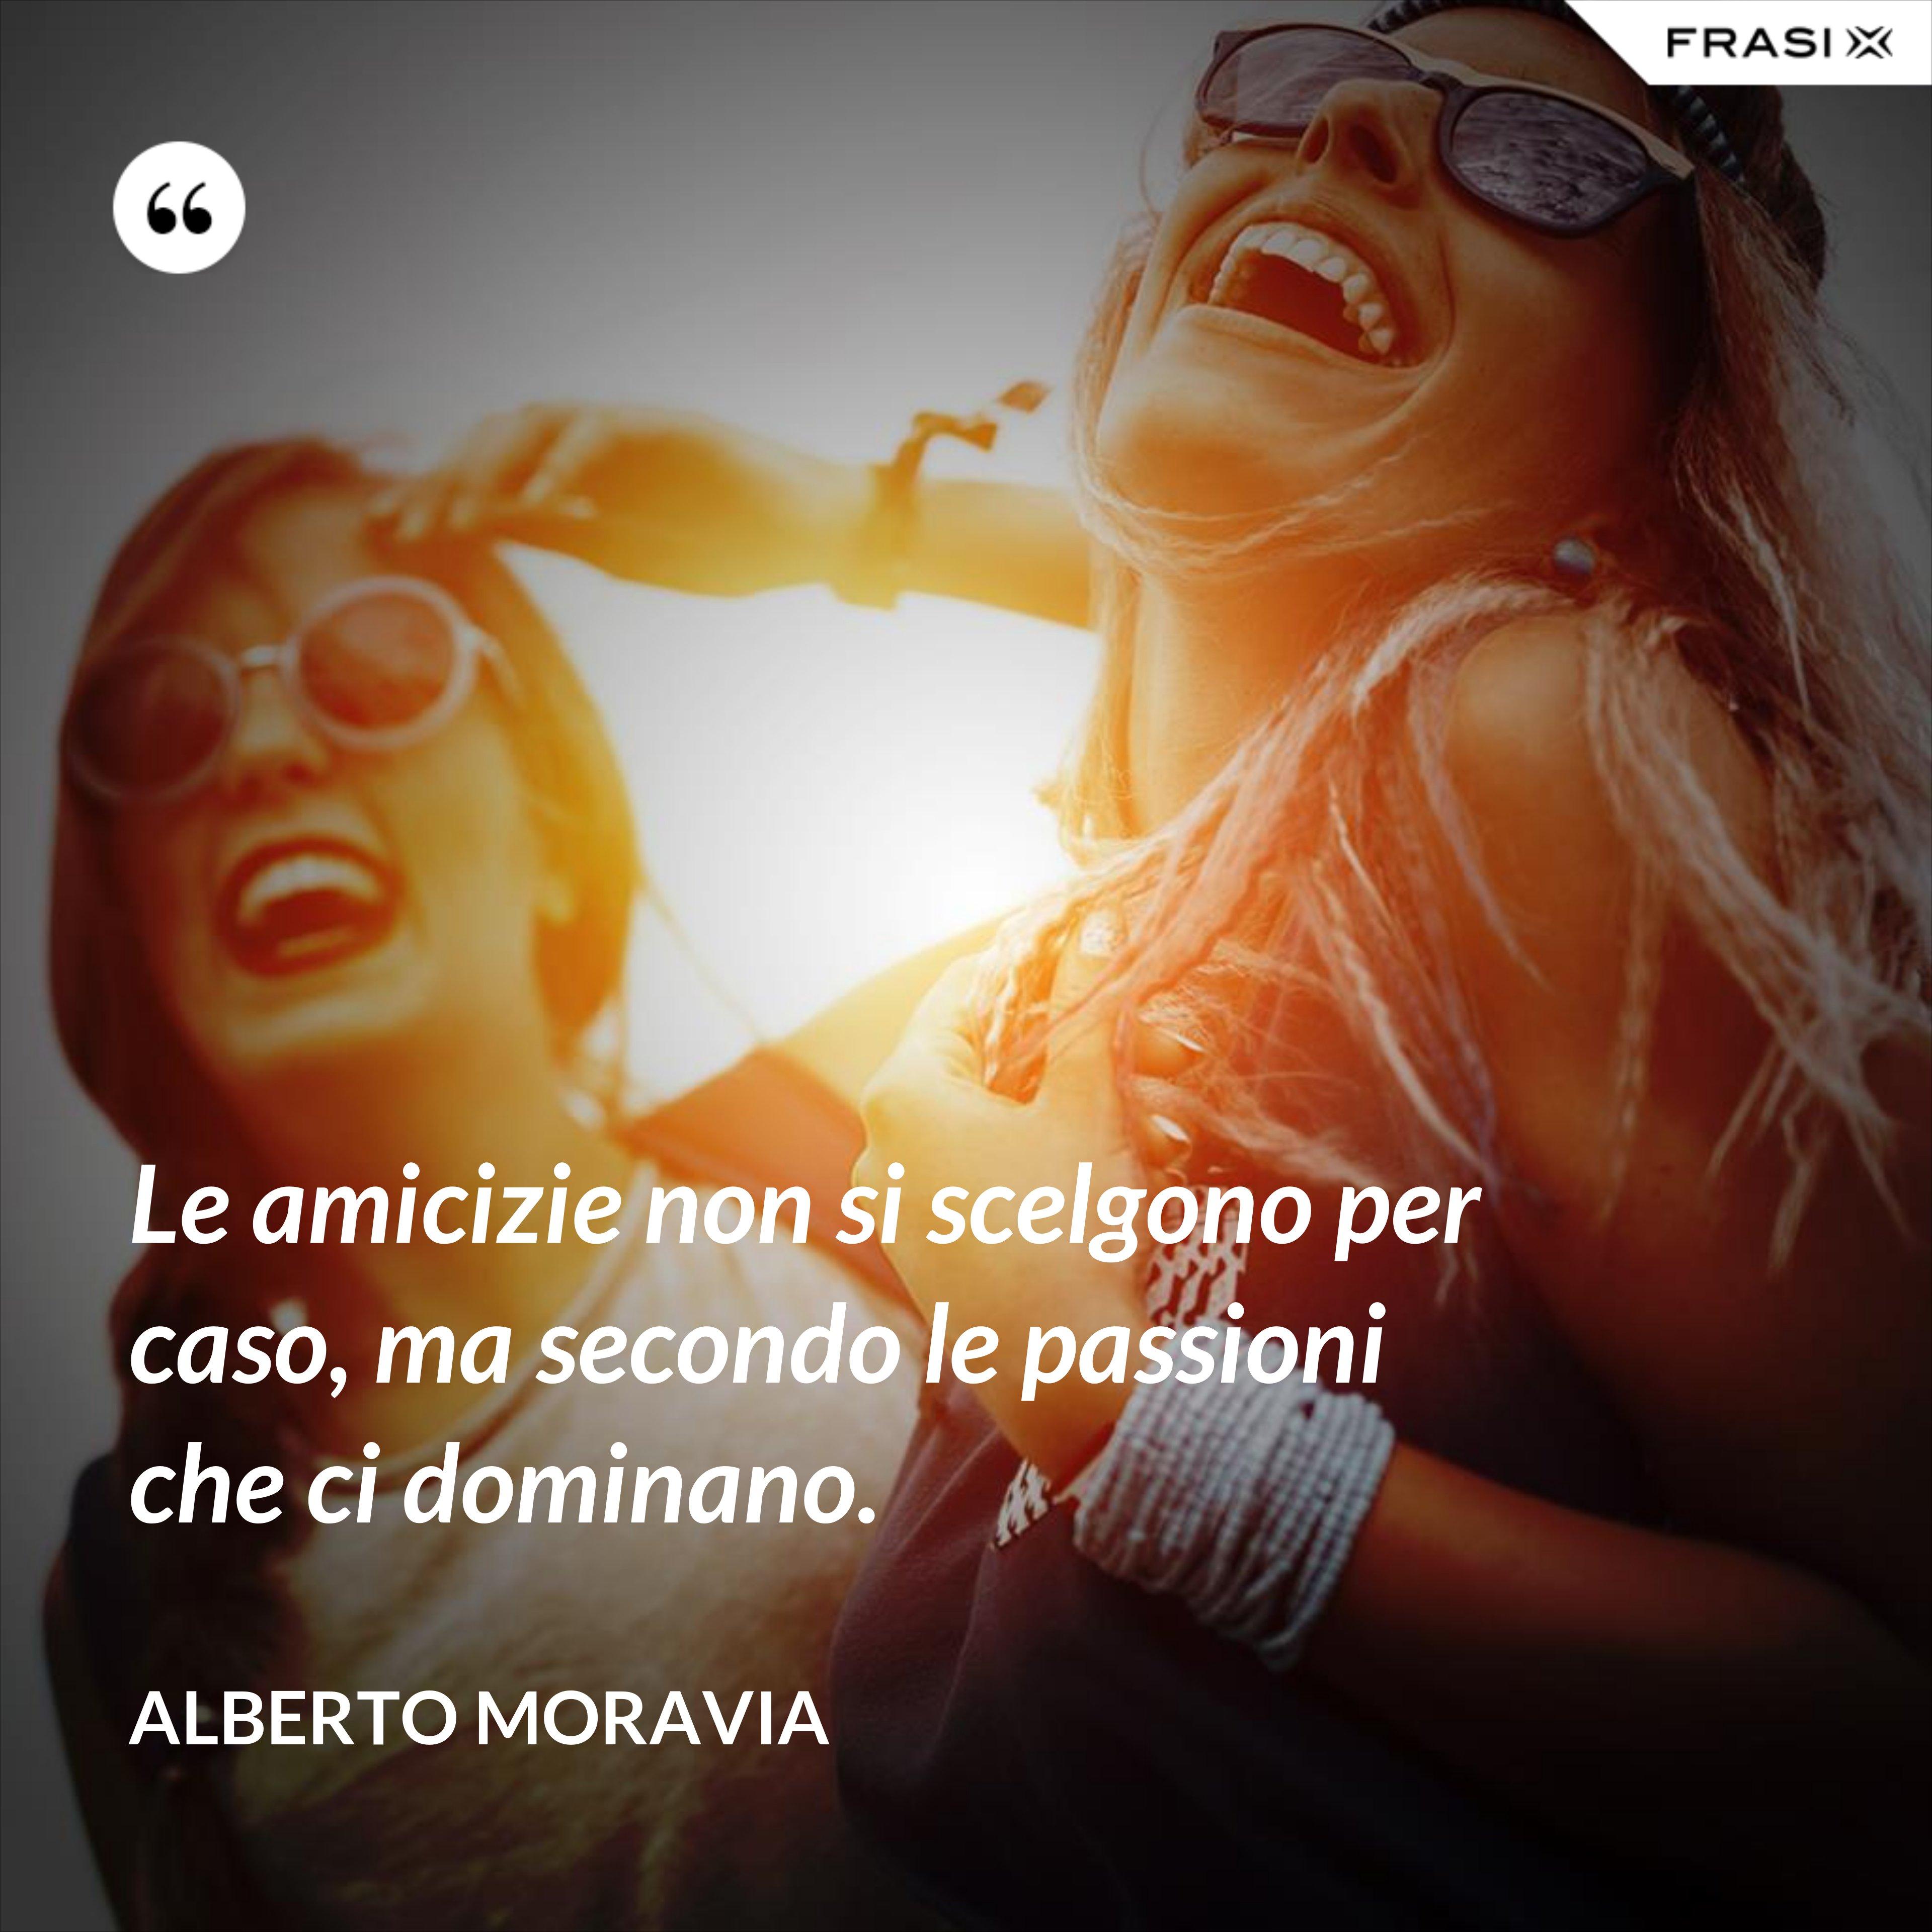 Le amicizie non si scelgono per caso, ma secondo le passioni che ci dominano. - Alberto Moravia